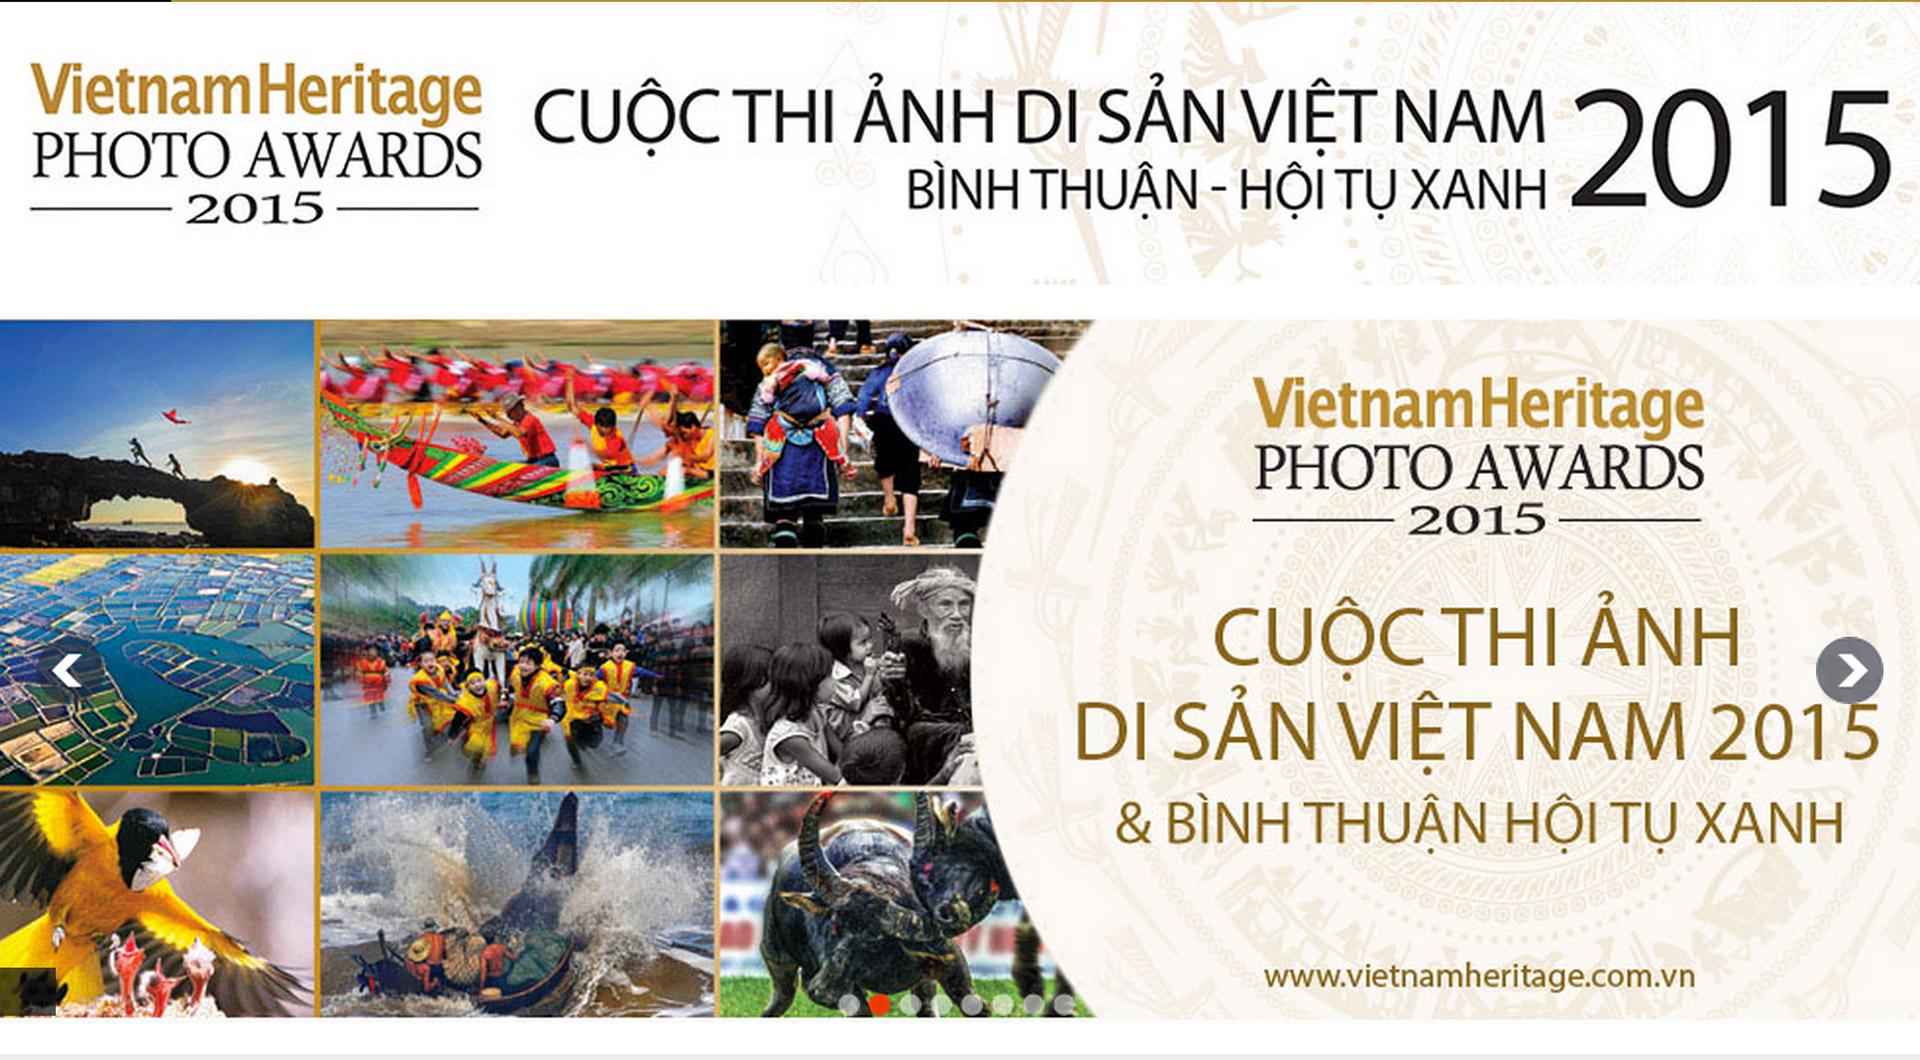 Cuộc thi ảnh Di Sản Việt Nam 2015 - Bình Thuận hội tụ Xanh